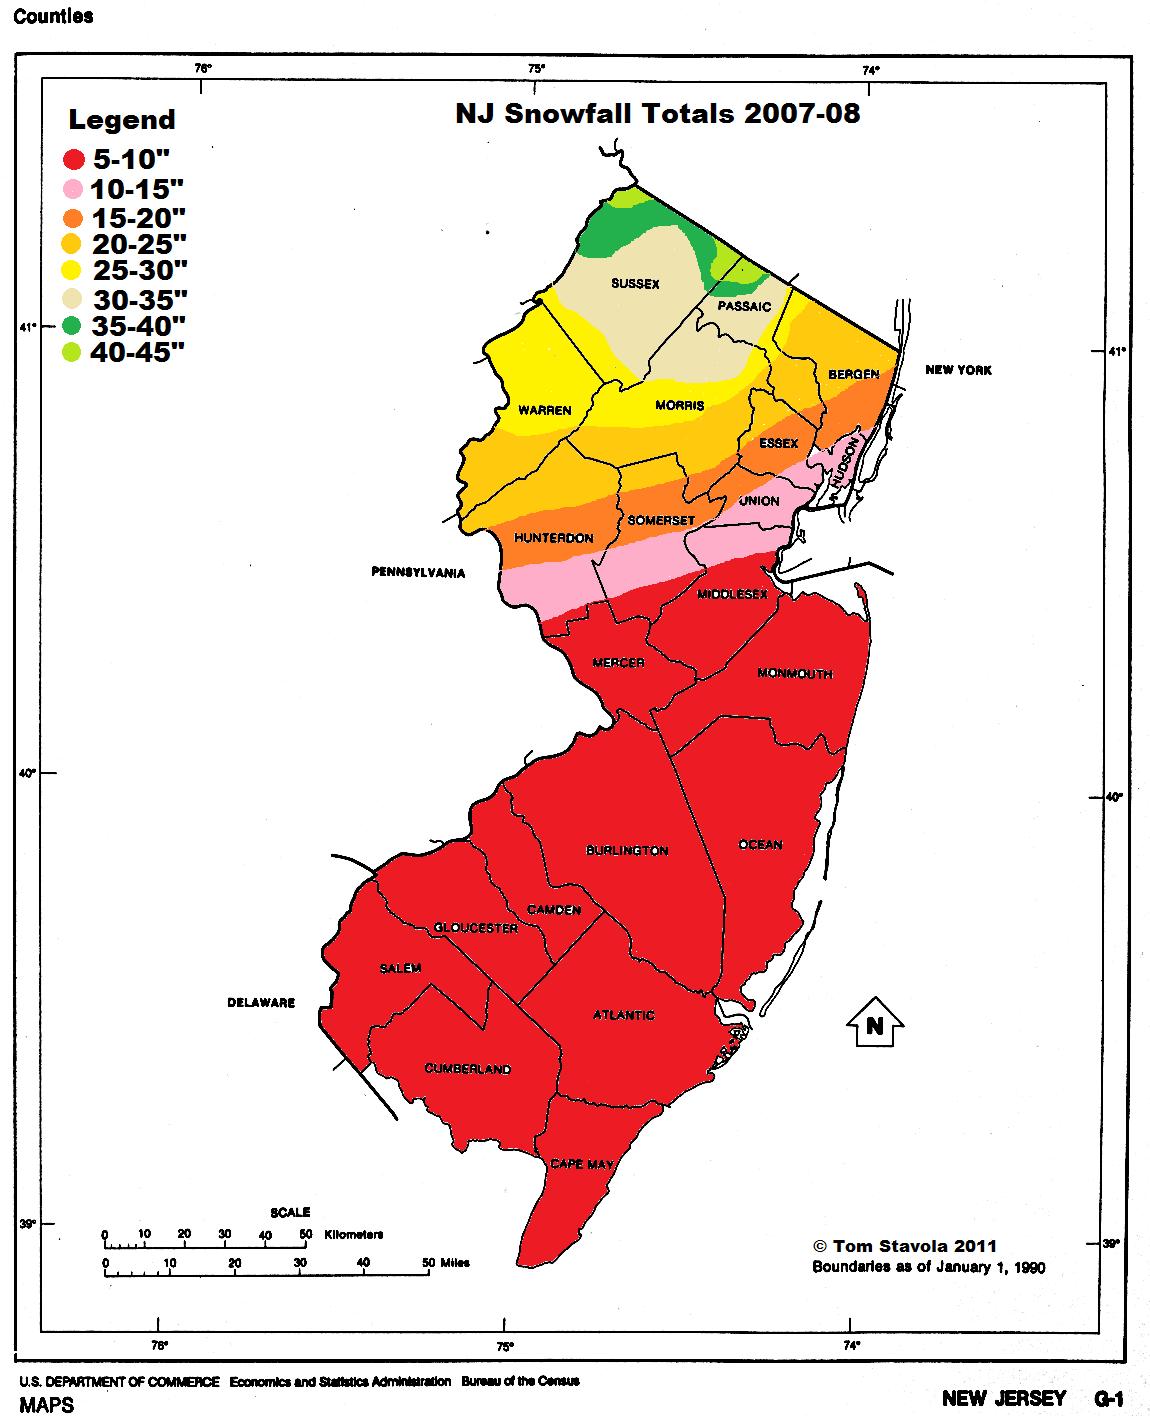 NJ snowfall totals 2007-08